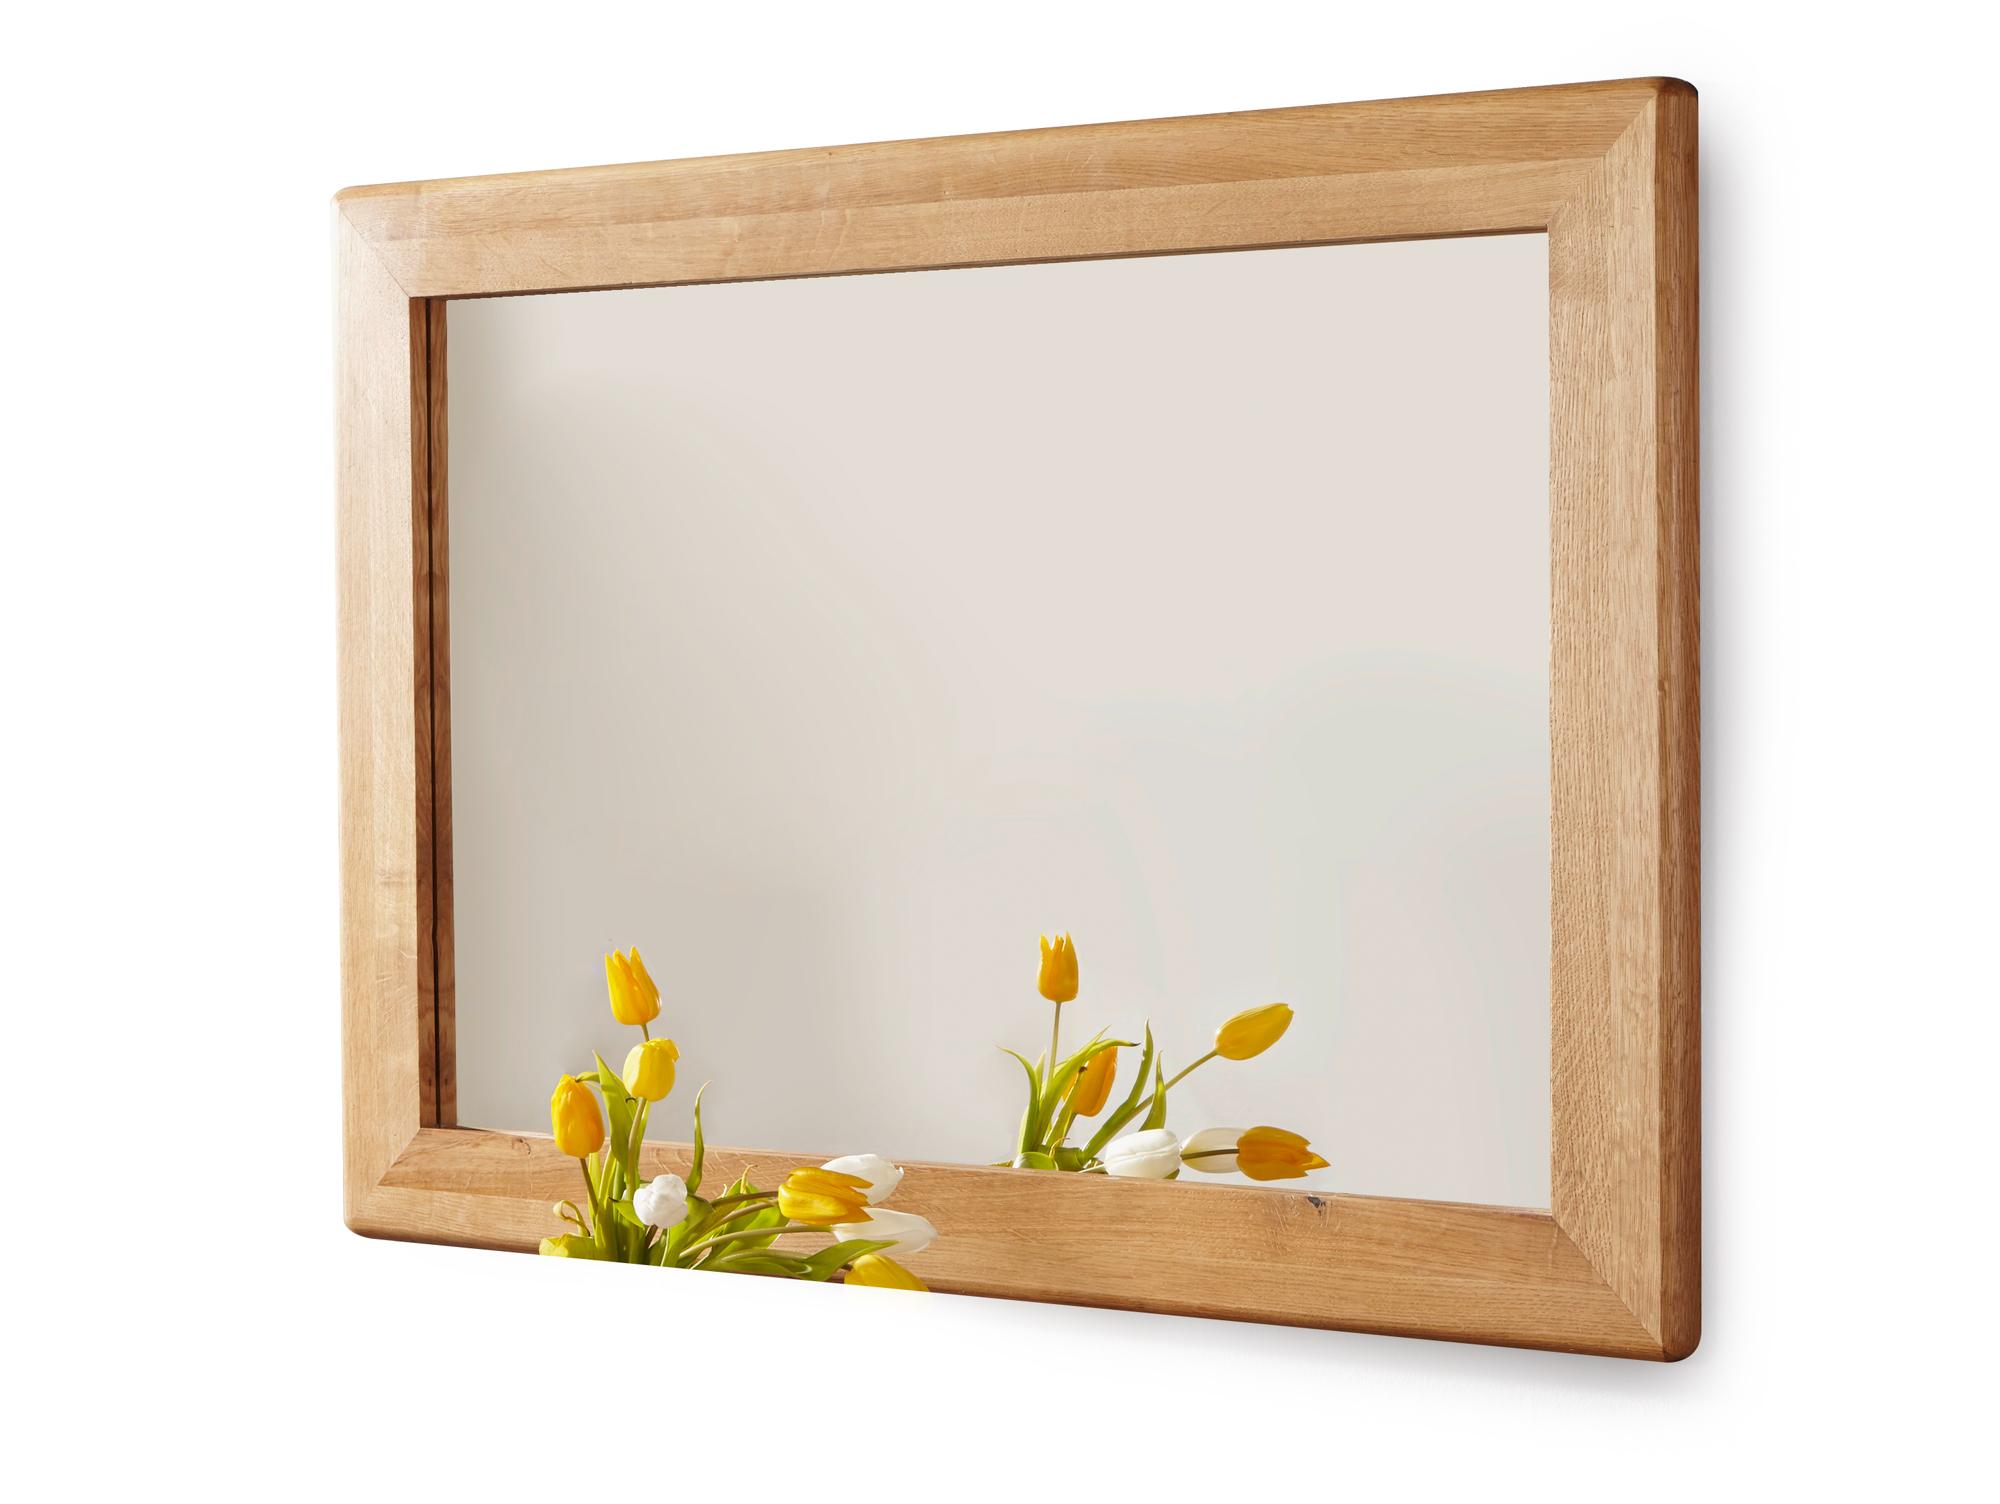 Verona spiegel 100x70 cm wildeiche ge lt - Spiegel holzrahmen eiche ...